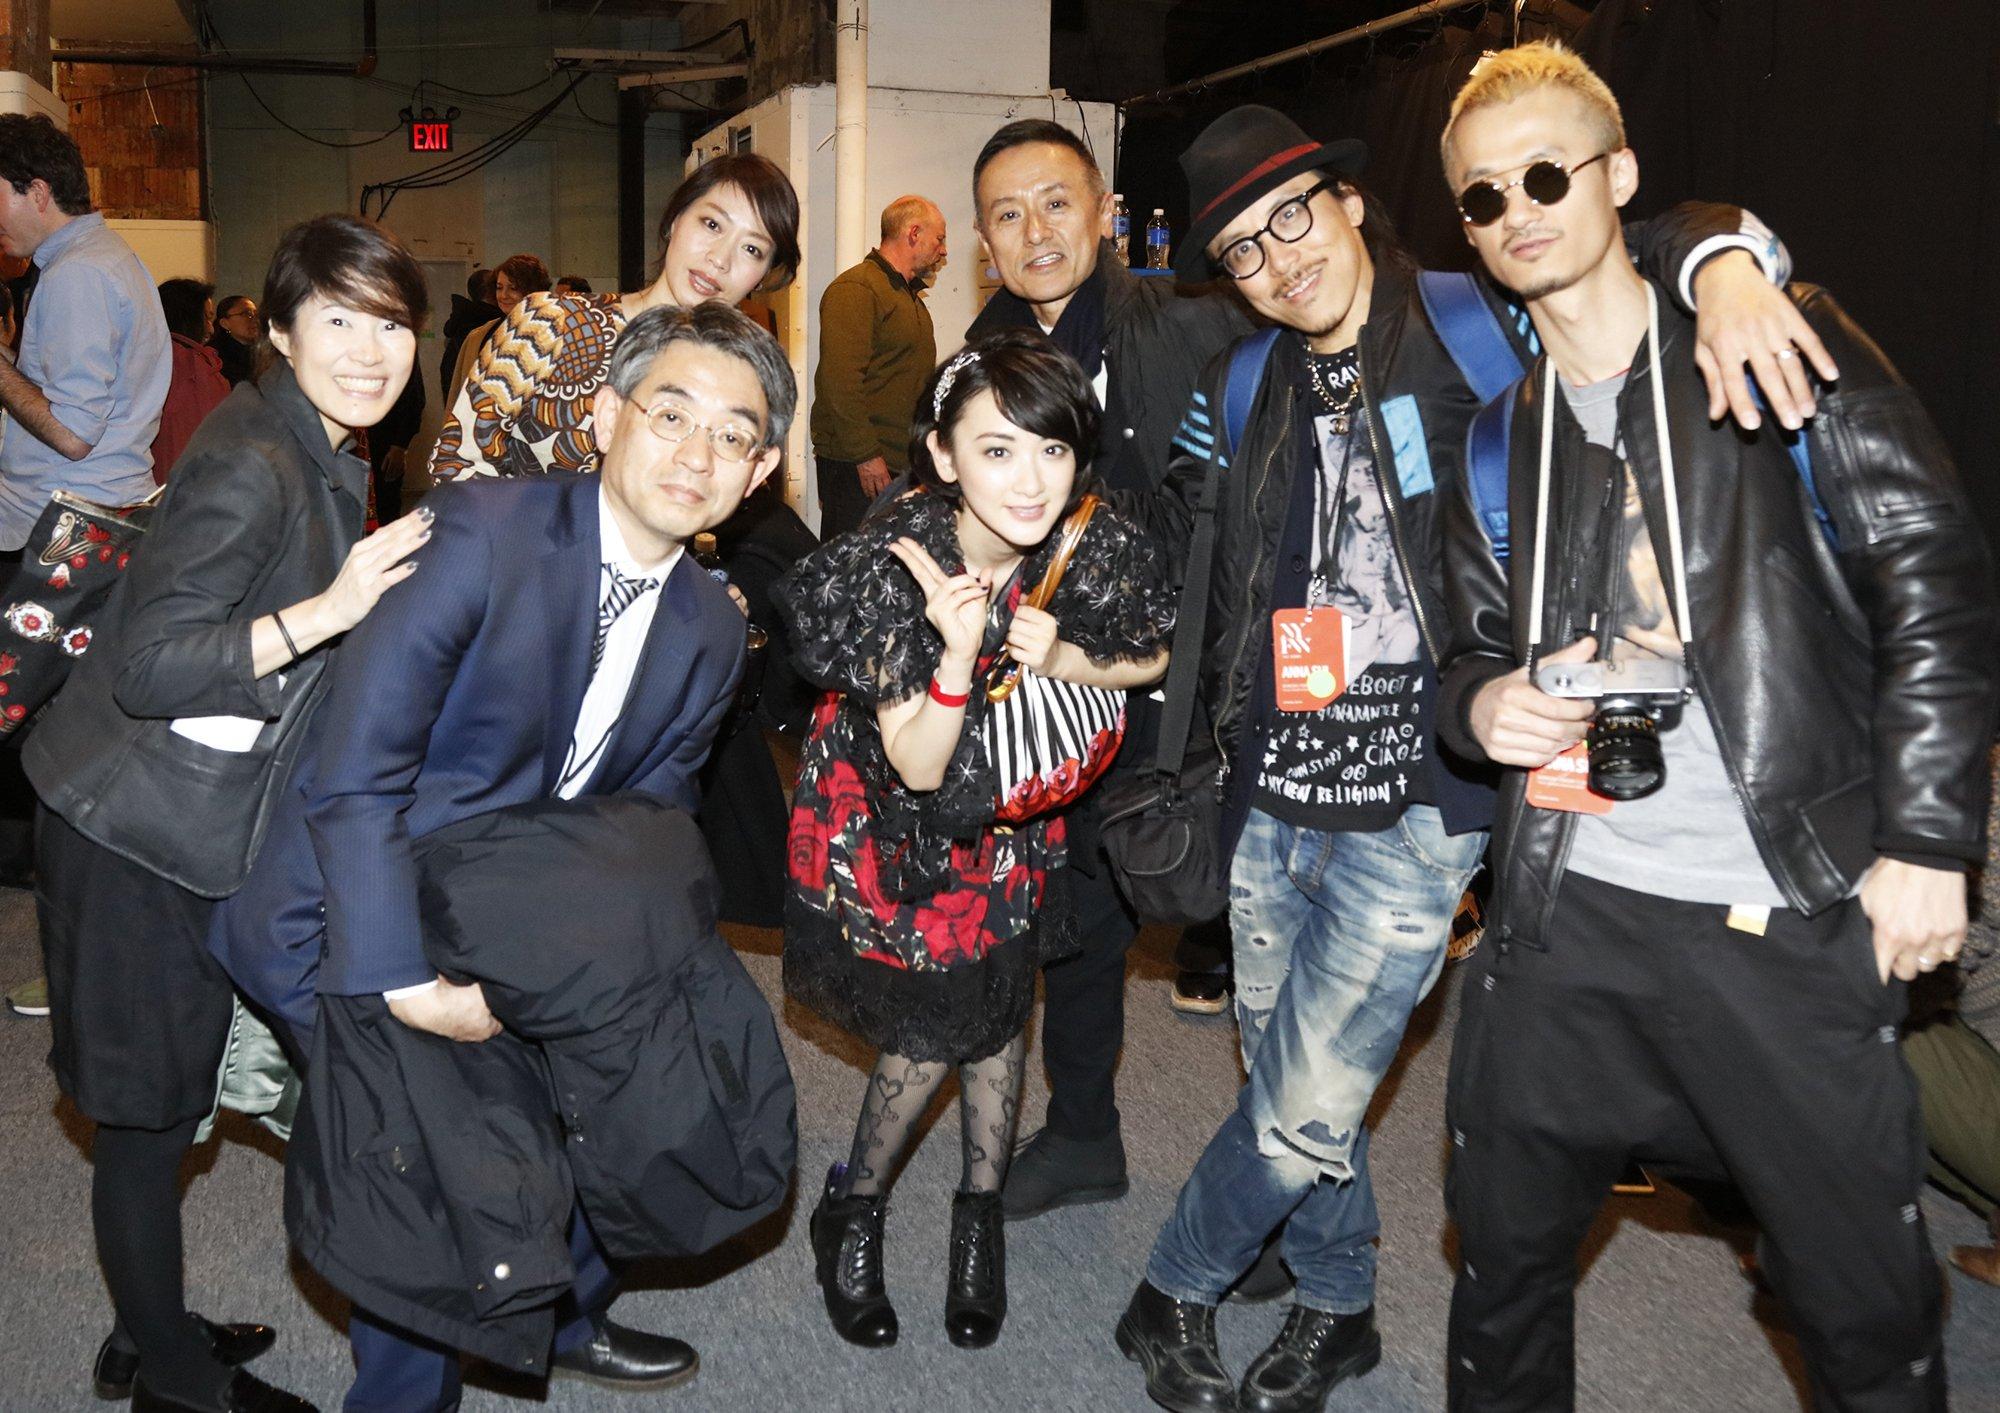 乃木坂46、16年2月22日(月)のメディア情報「NHK高校講座」「おに魂」「何でも聞かせて!DX」ほか